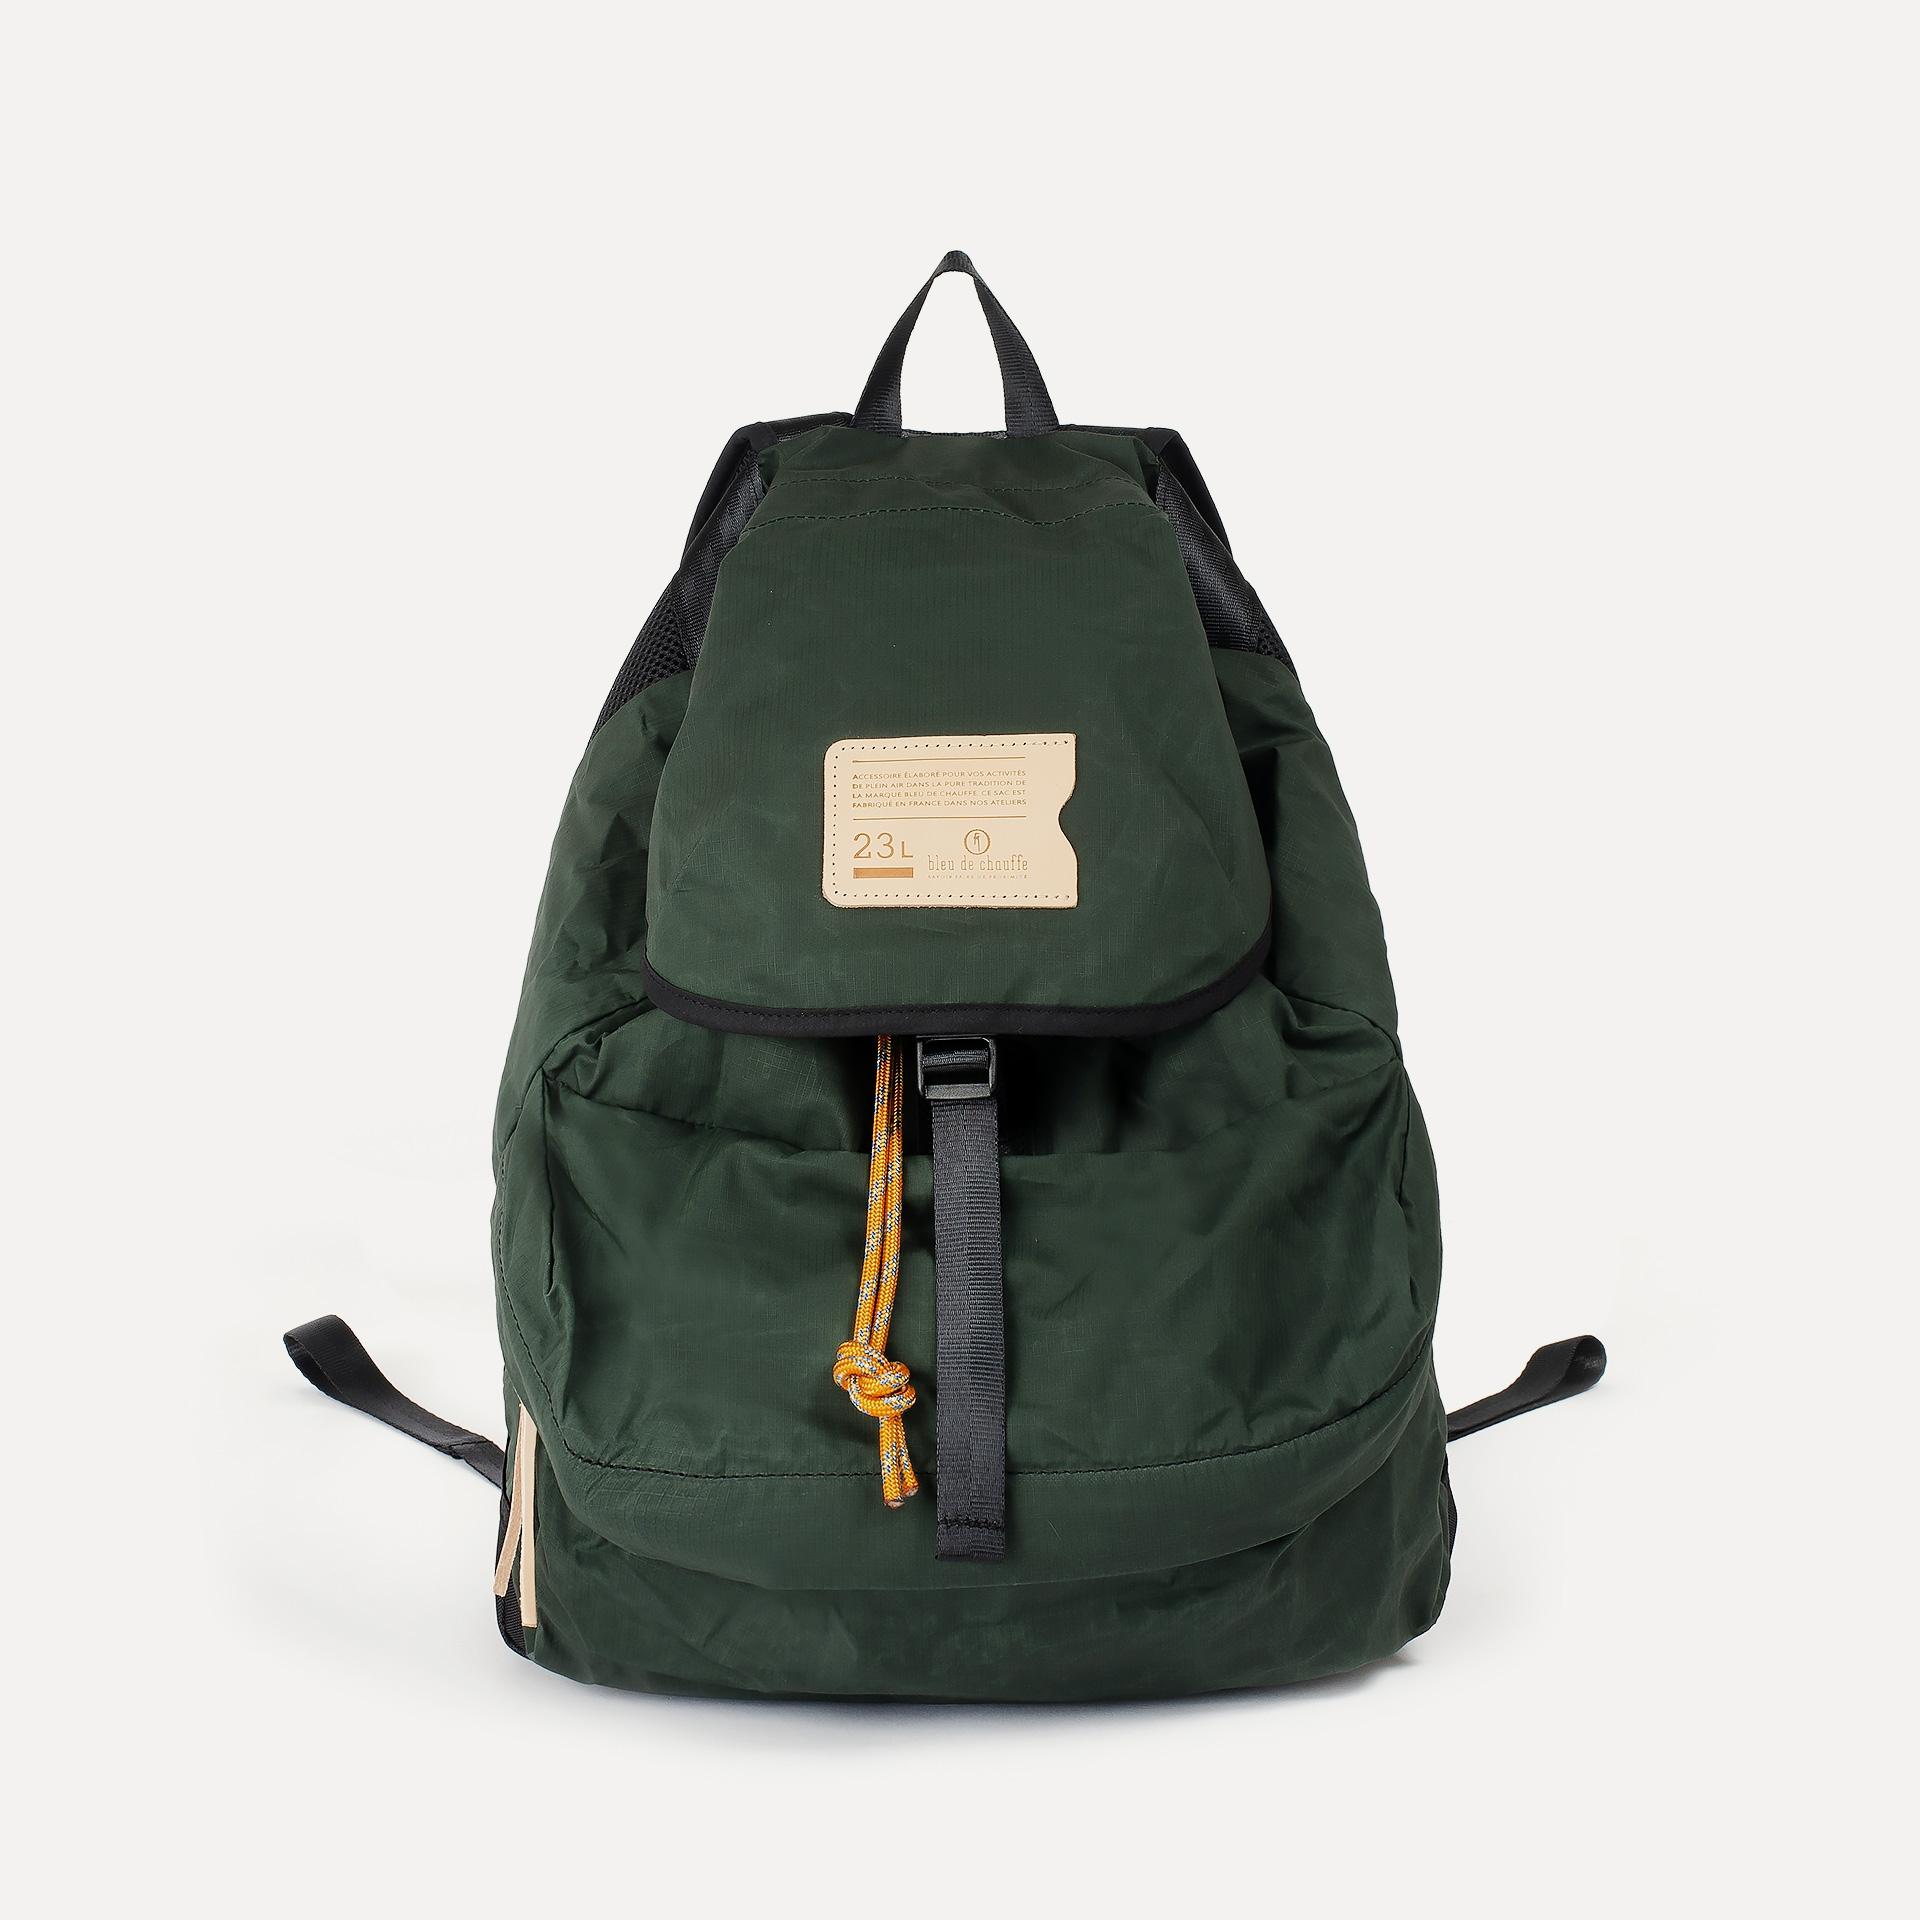 23L Bayou Backpack - Dark Khaki (image n°1)